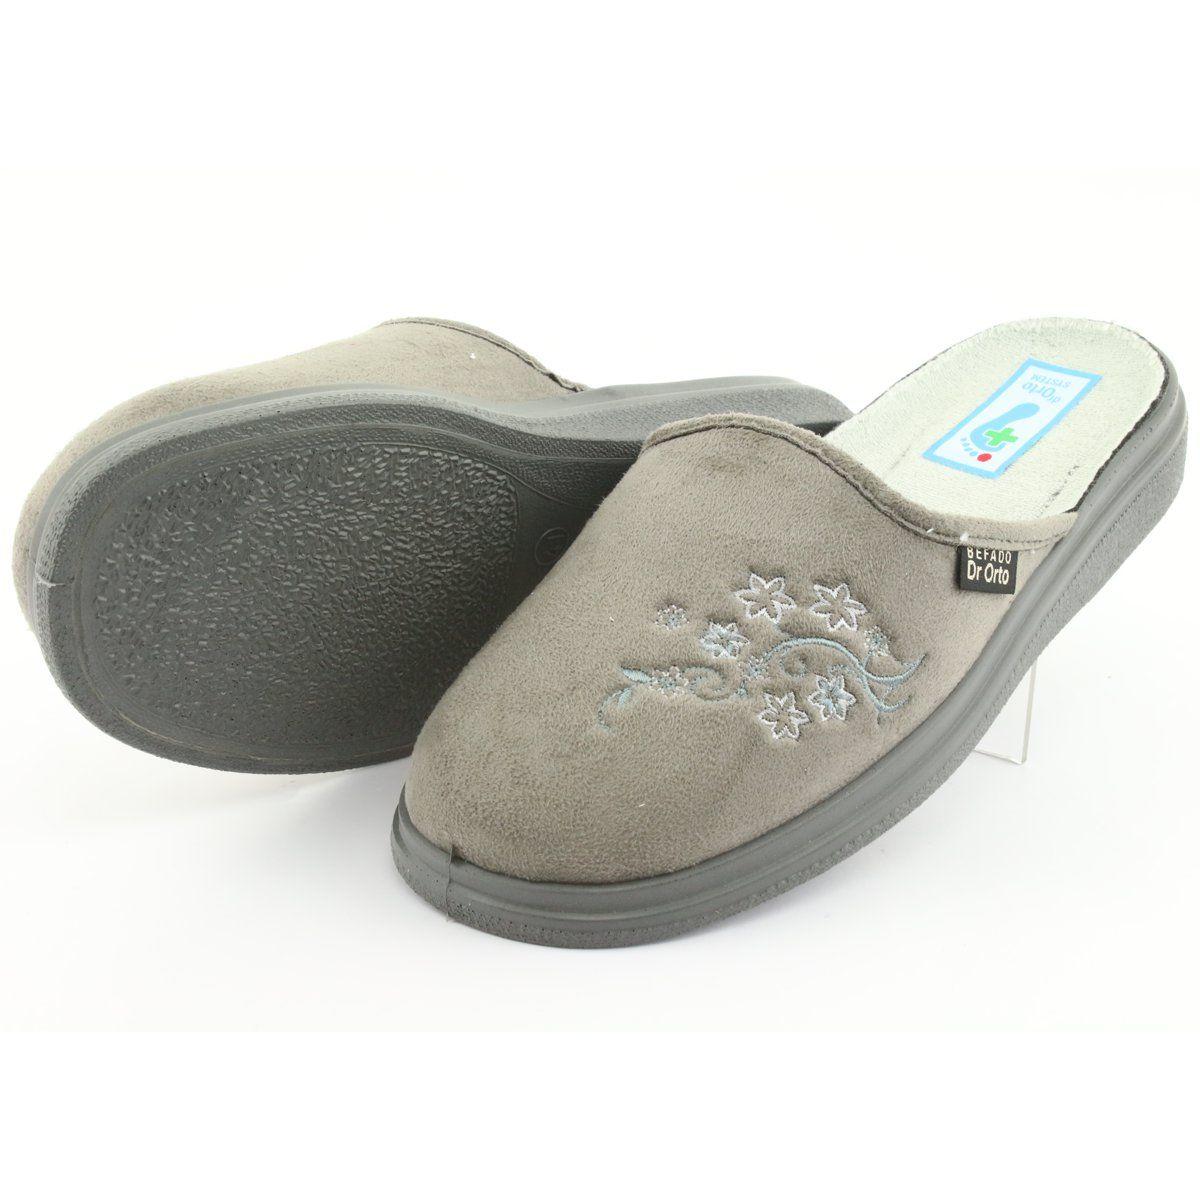 Befado Obuwie Damskie Pu 132d013 Szare Women Shoes Shoes Womens Slippers